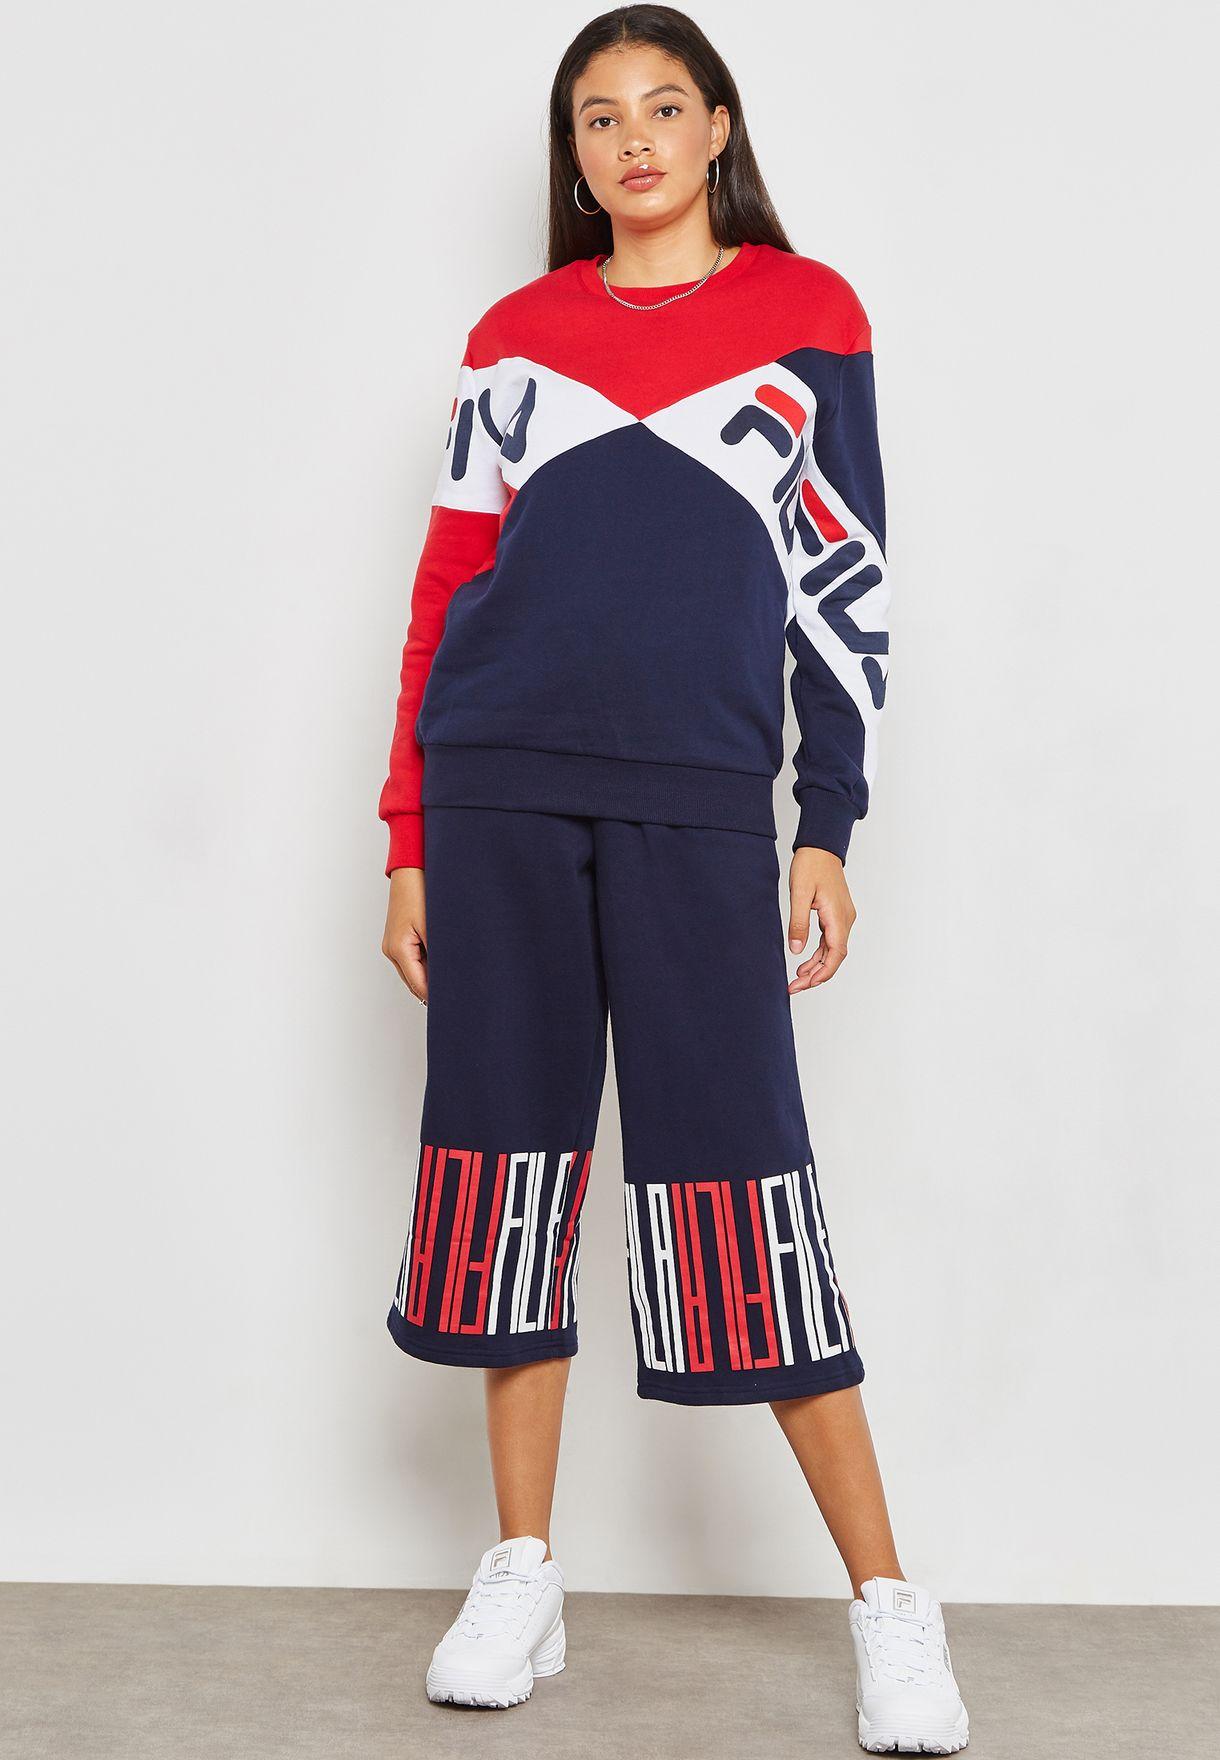 f8b290e01ca2 Shop Fila multicolor Lidia Boyfriend Sweatshirt LW183Y54-410 for ...